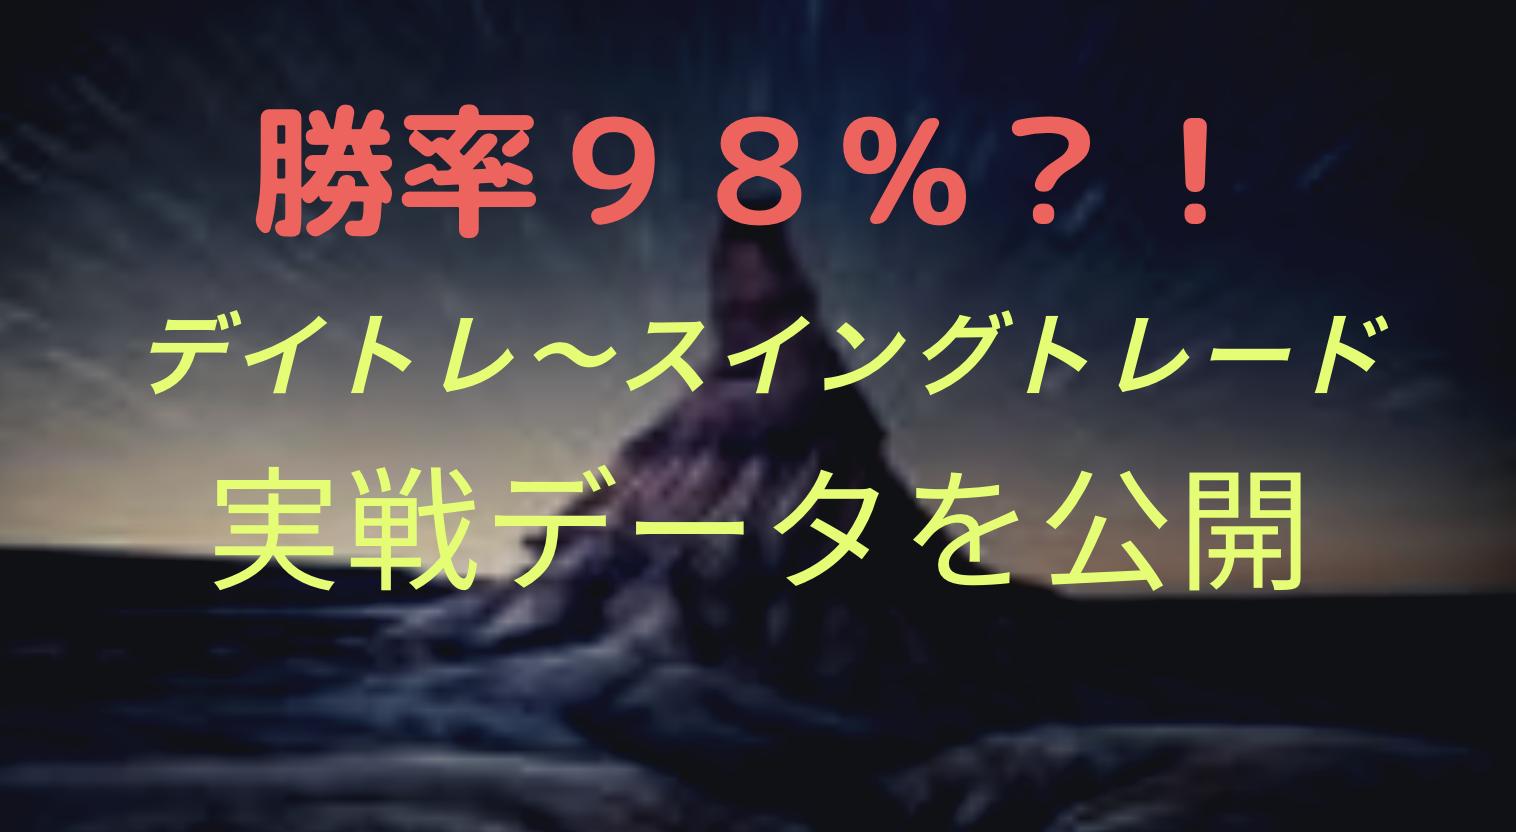 【勝率98%の報告あり】本庄さん「ご本人のブログ」や「実績」などをご紹介!